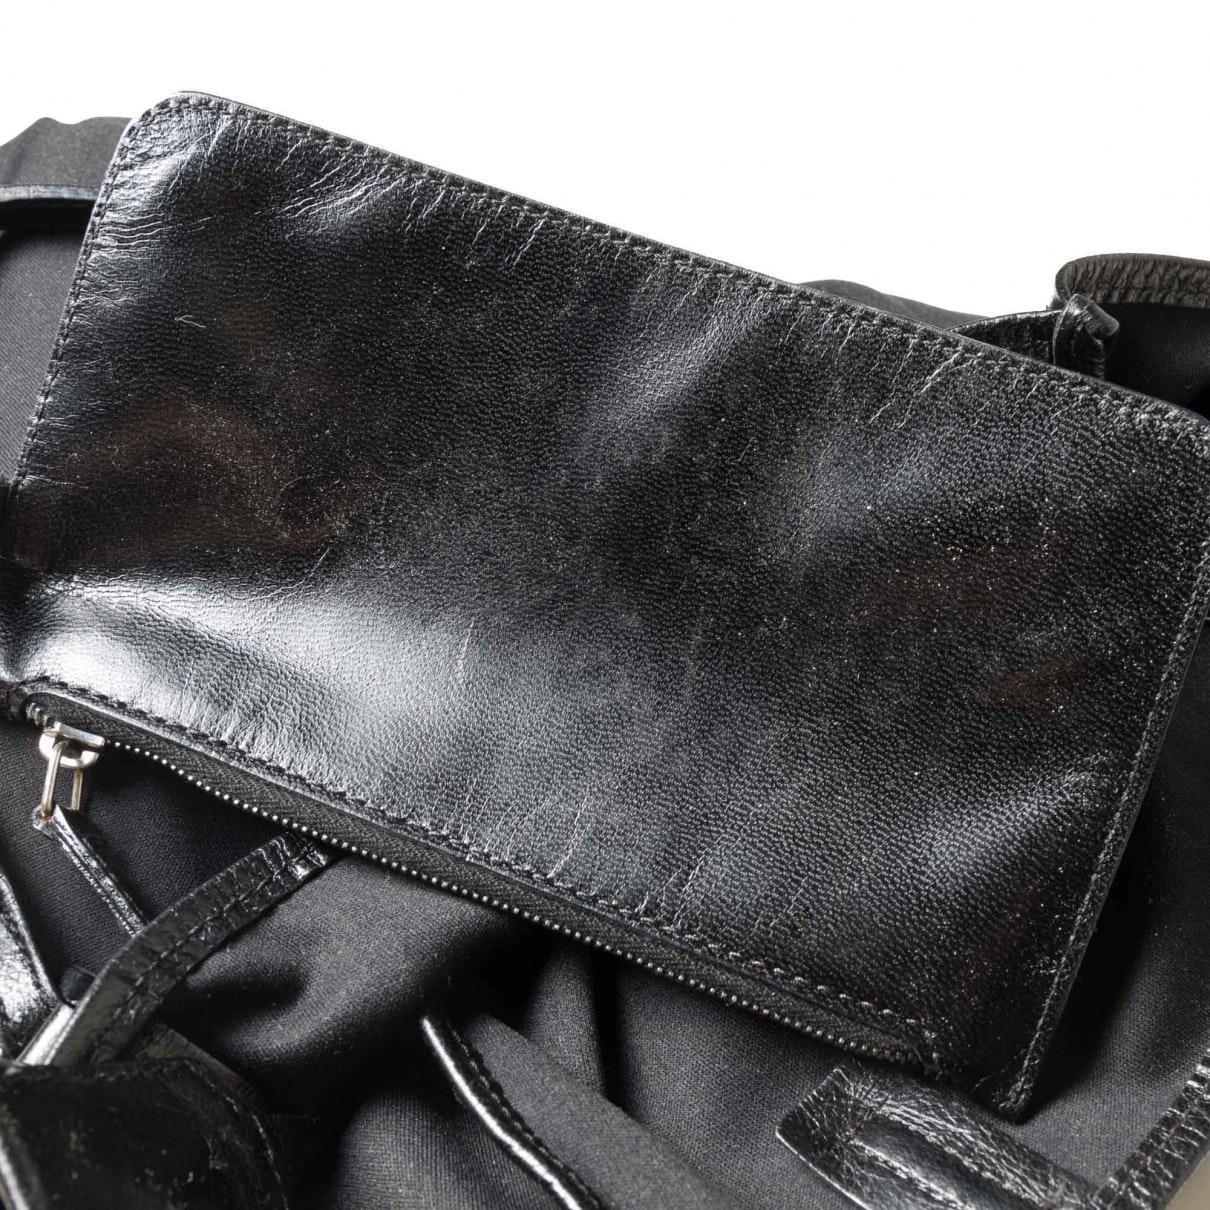 Sac à main en Coton Noir Coton Fendi en coloris Noir dR7R